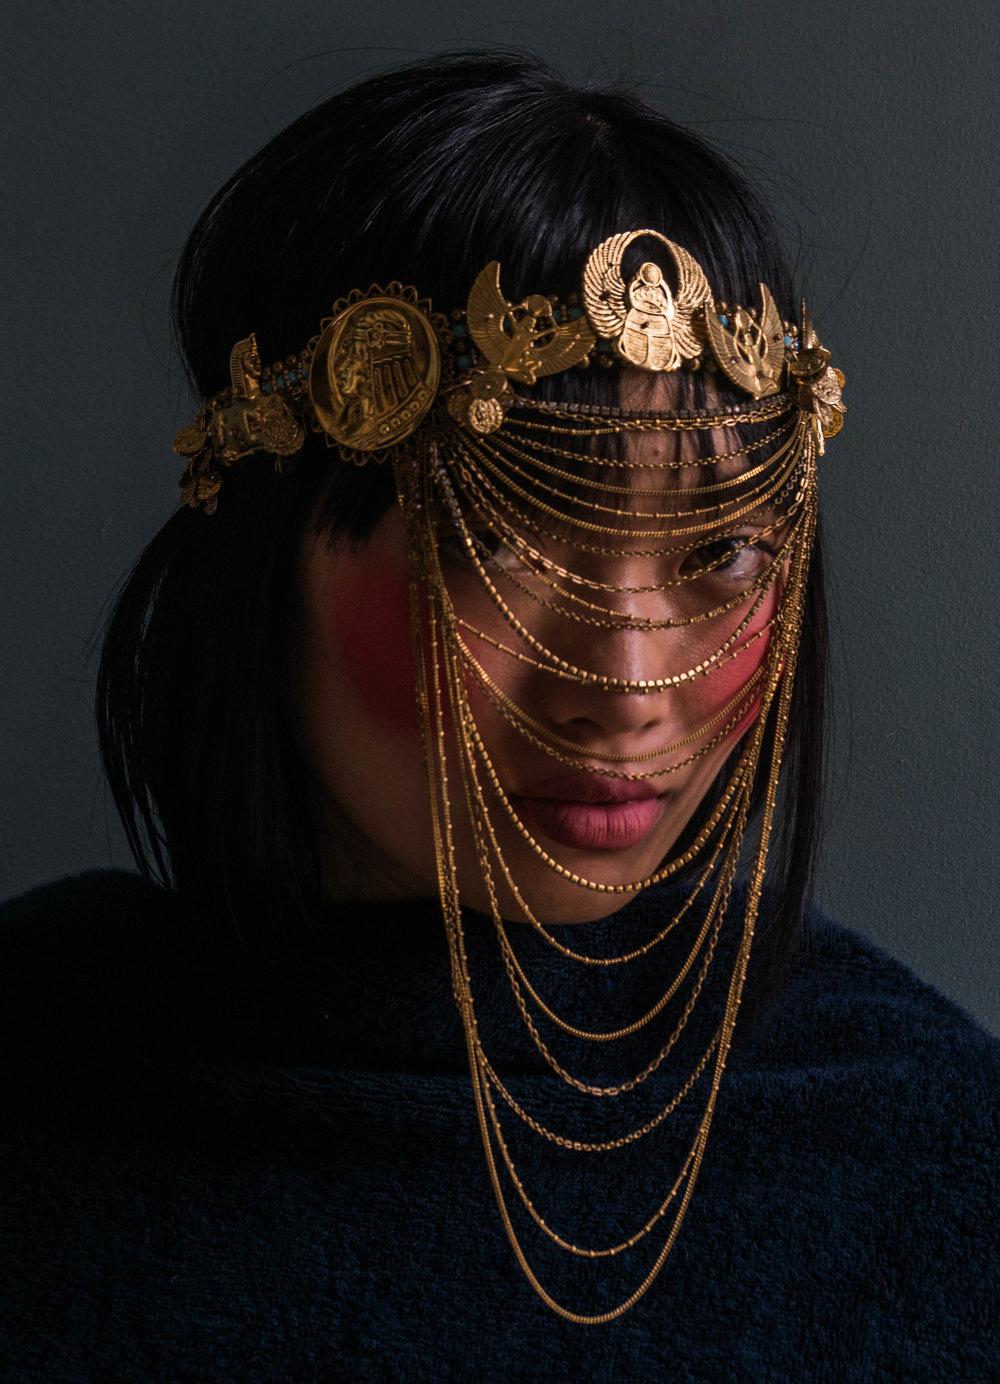 Model: Chloe Nguyen